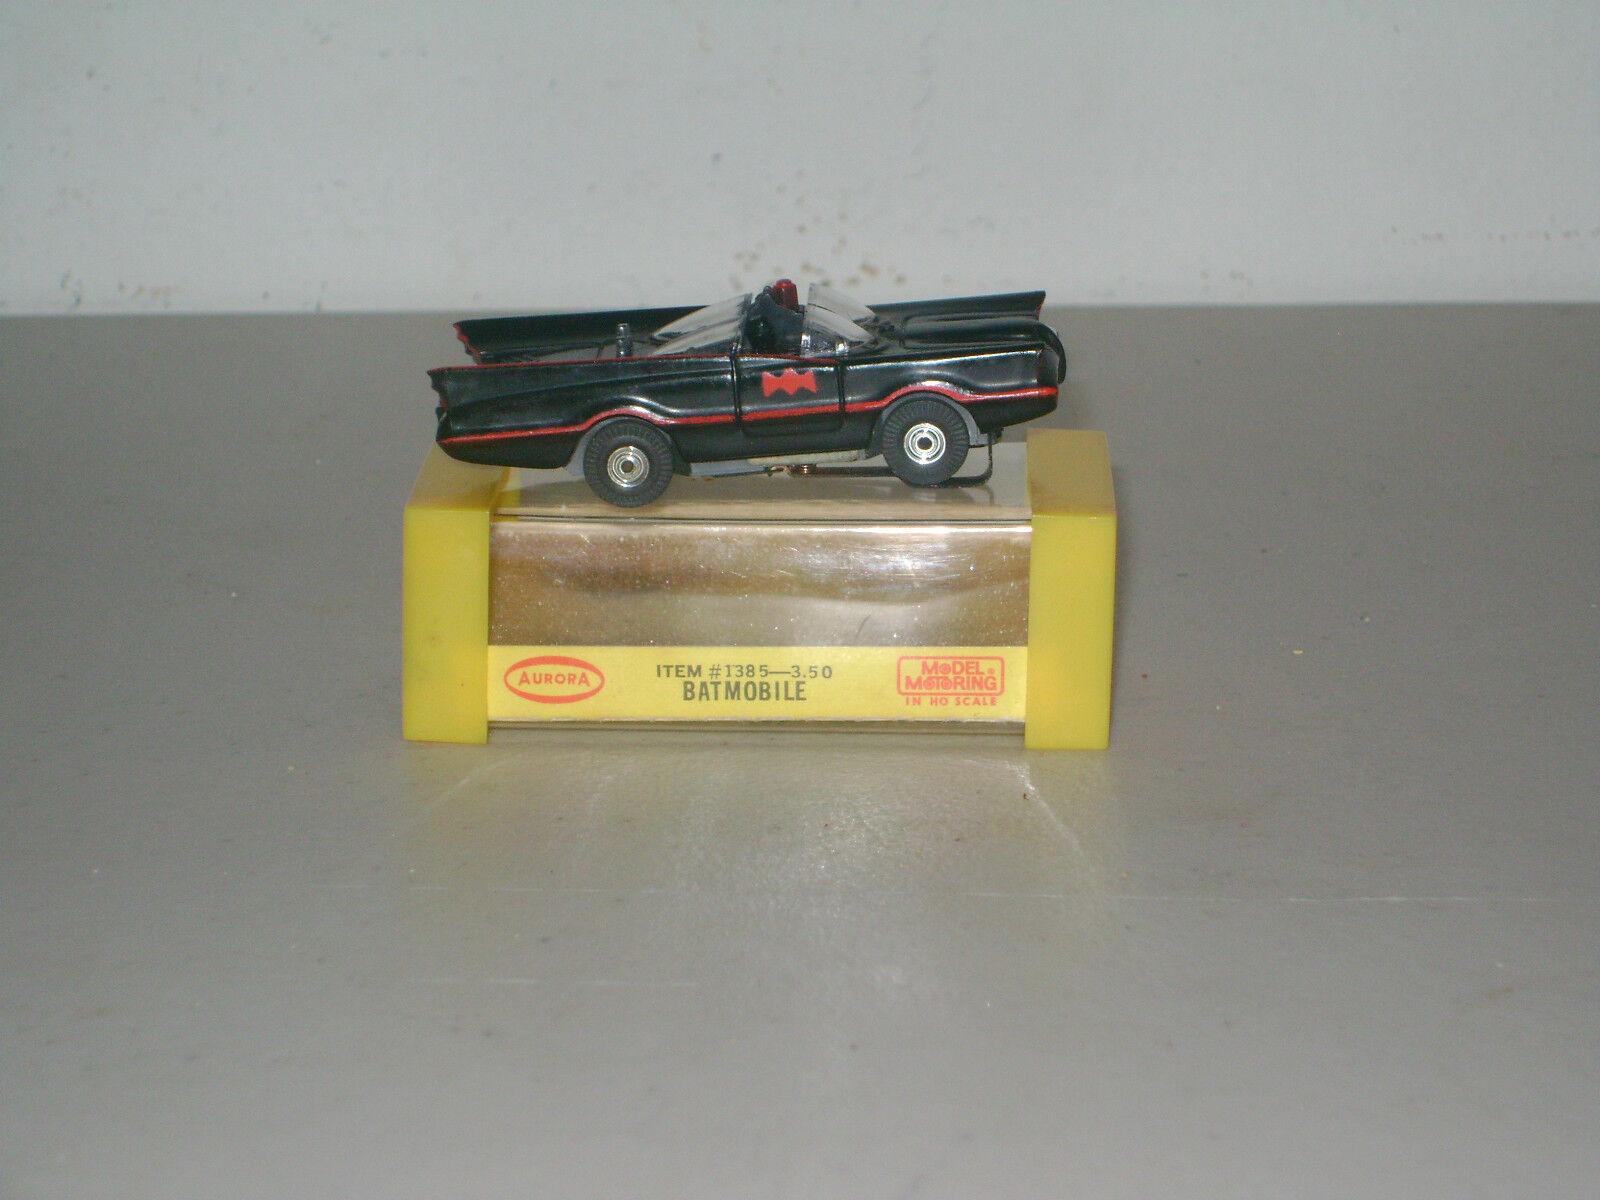 Slot voiture de collection Tjet' 66 BATMOBILE  1385 (' 67 -' 70) avec boite NICE